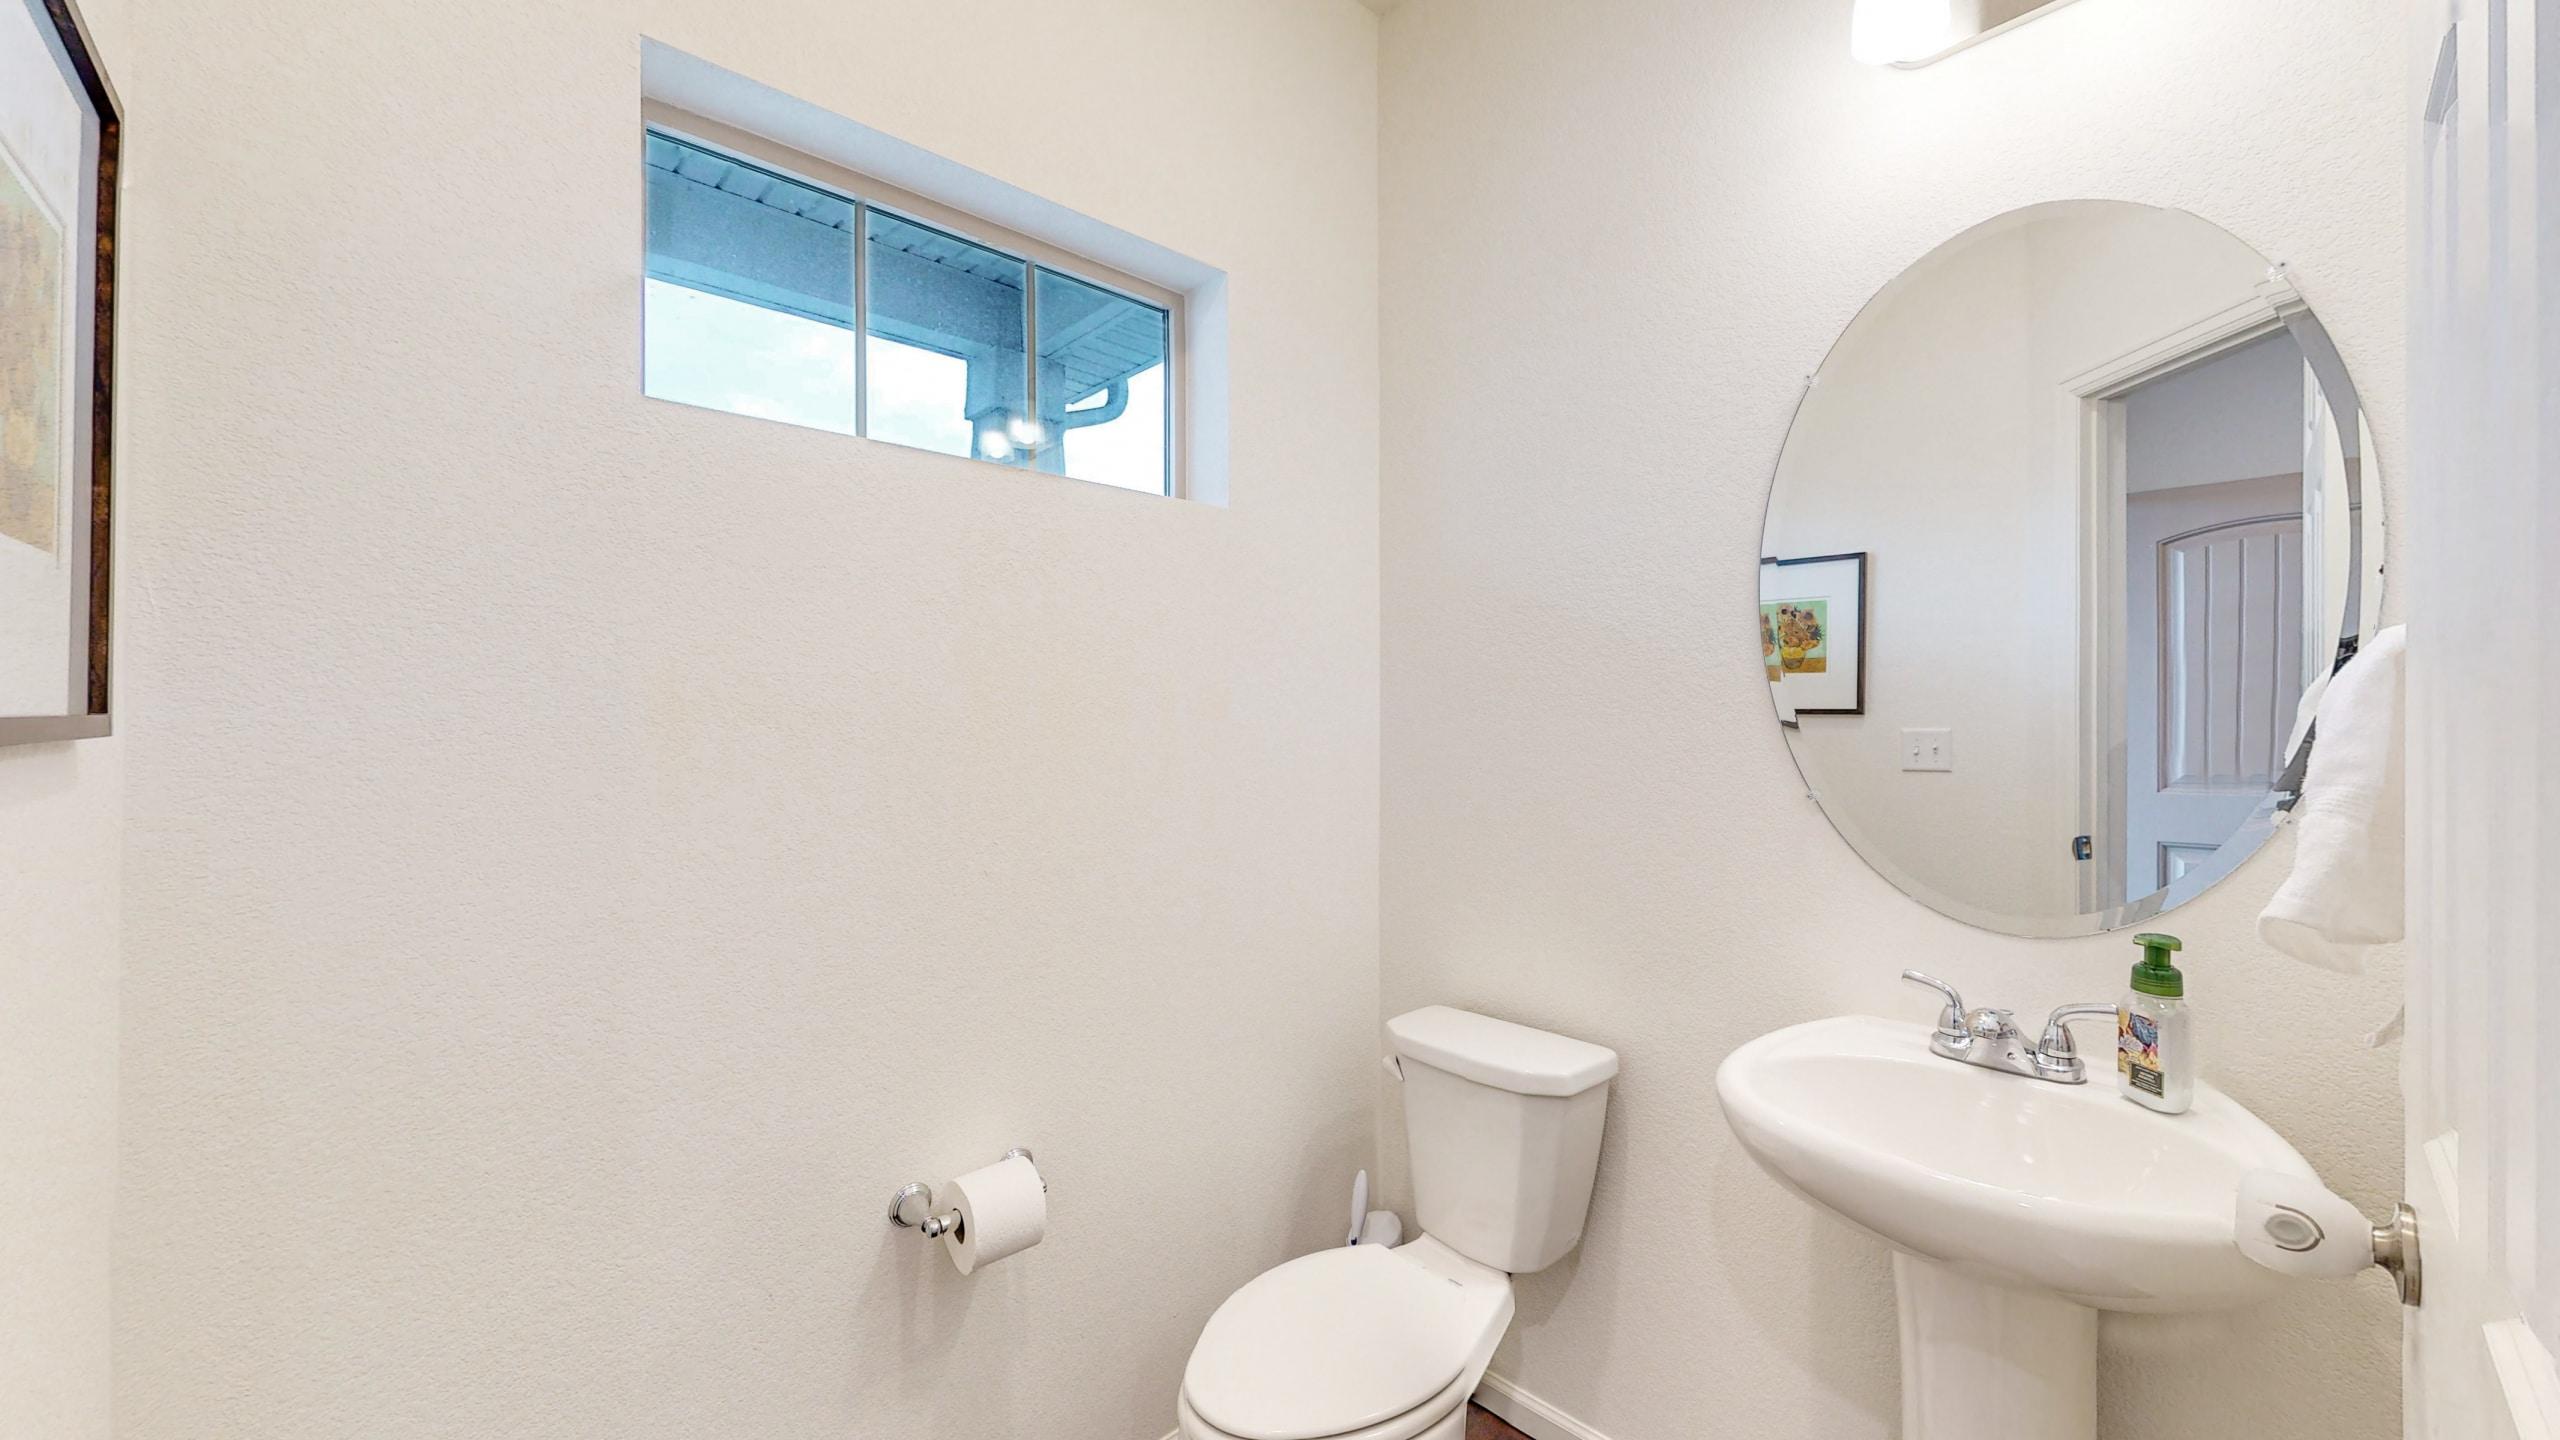 Main Floor Half Bath, Pedestal Sink, white toilet